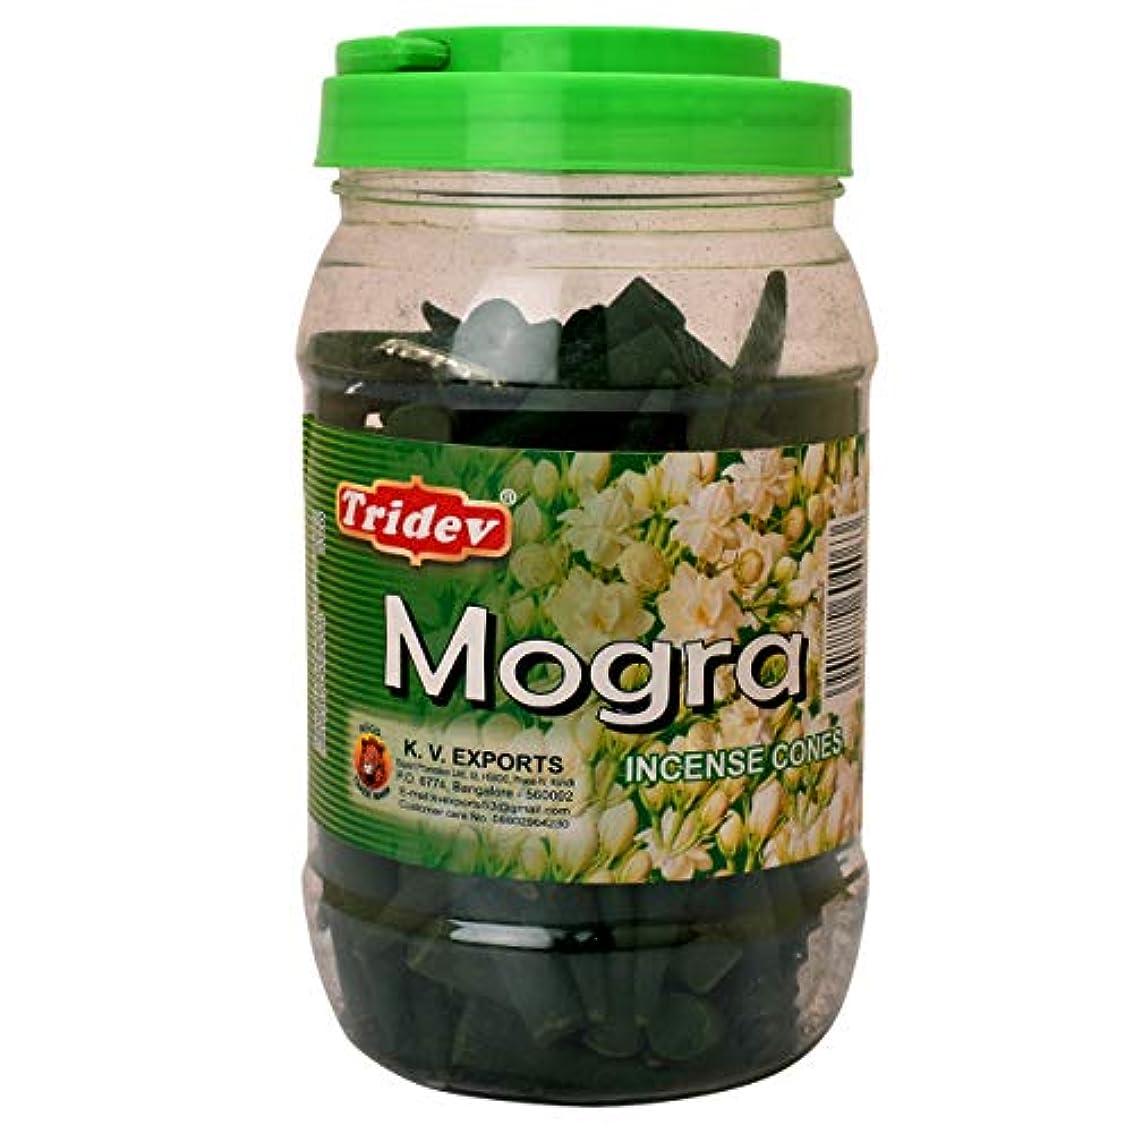 講堂病院何故なのTridev Mogra フレグランス コーン型お香 500グラム 瓶 輸出品質